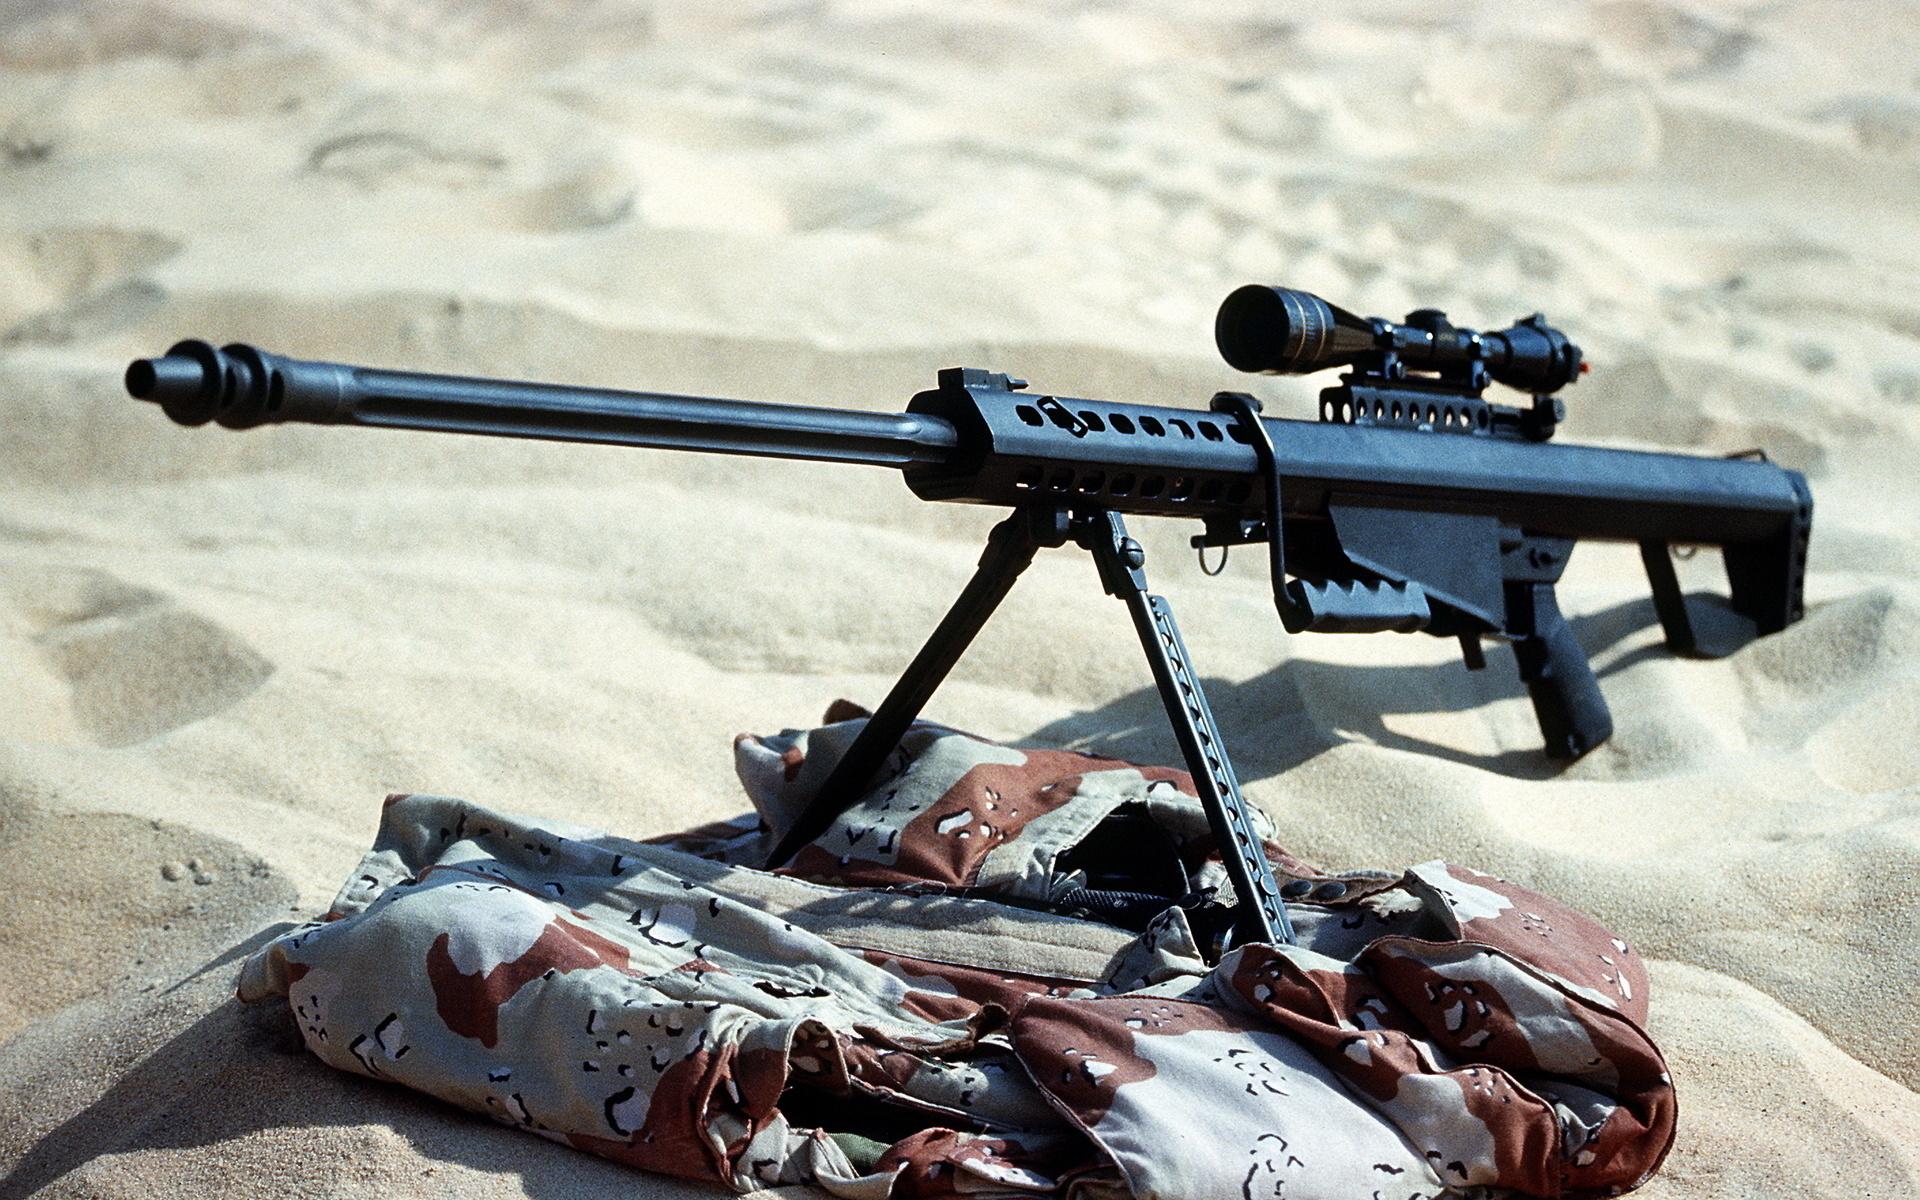 3 barrett m82 sniper rifle hd wallpapers background images wallpaper abyss - Barrett 50 wallpaper ...